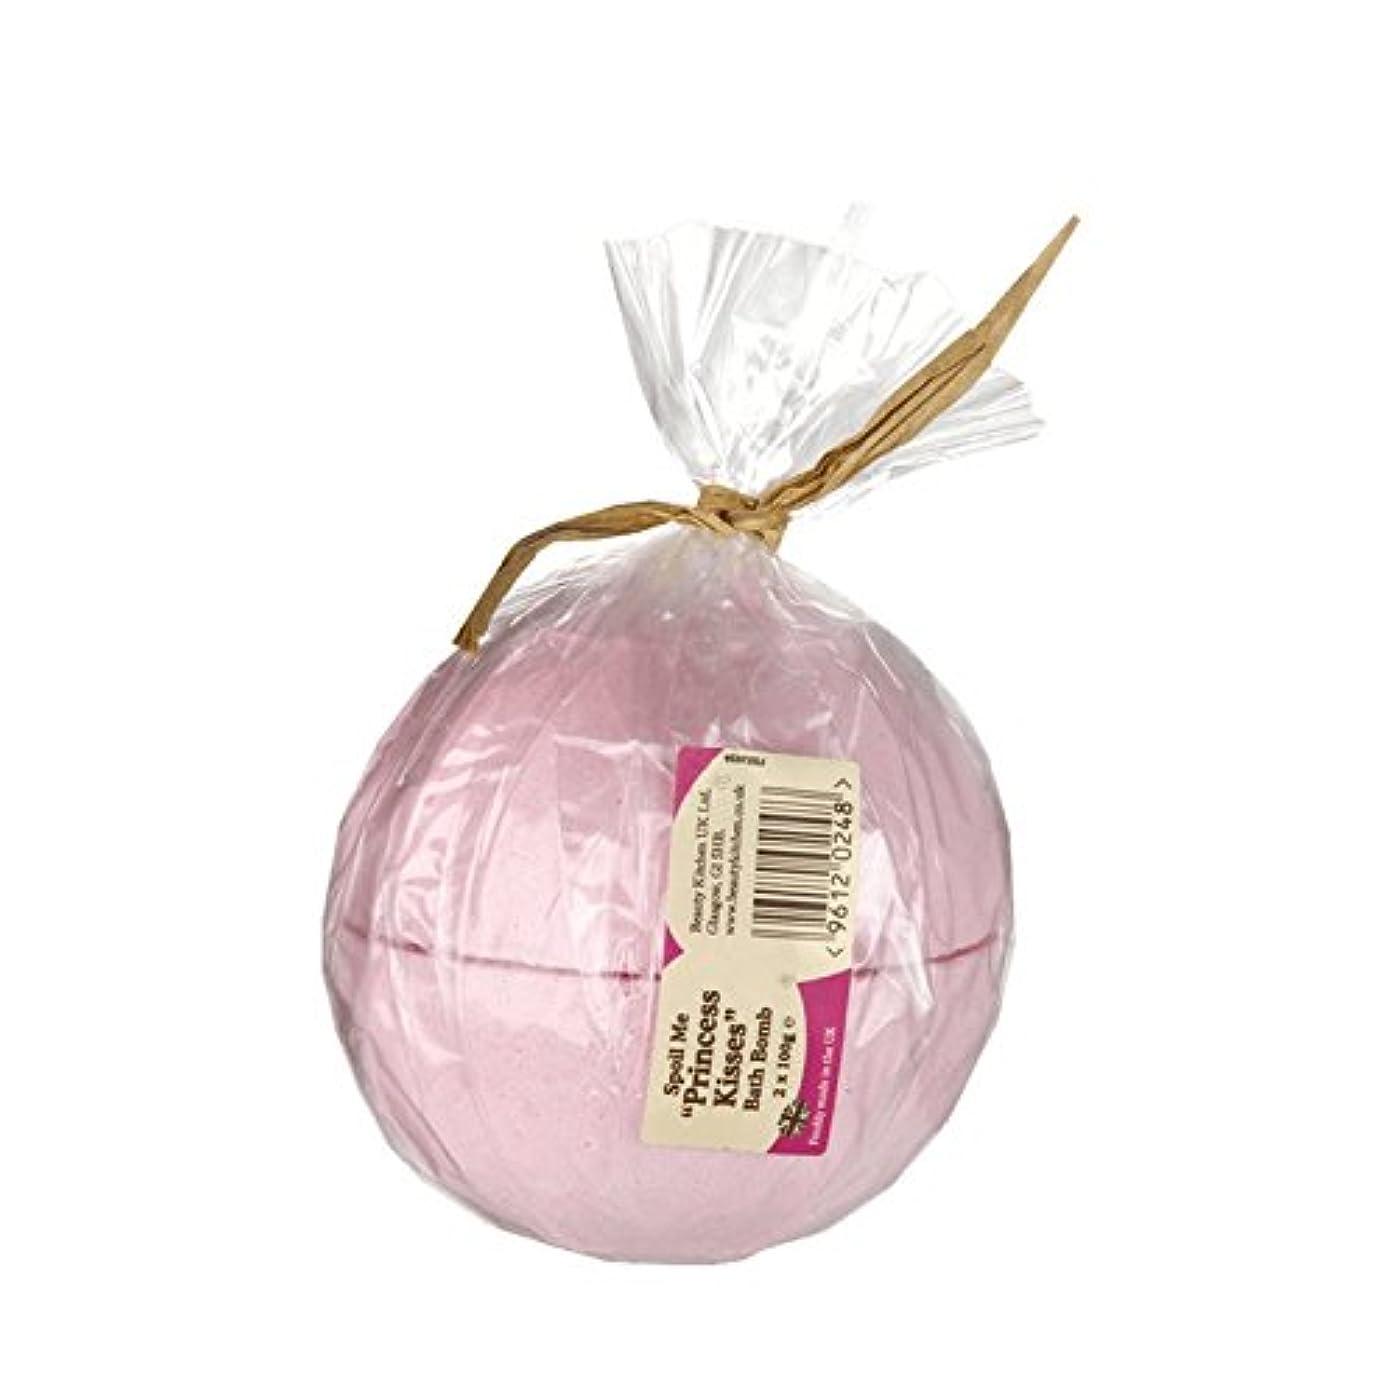 カストディアントランクライブラリフェローシップBeauty Kitchen Spoil Me Princess Kisses Bath Bomb 2 x 100g (Pack of 6) - 私台無し美容キッチン王女は、お風呂爆弾2×100グラムをキス (x6) [並行輸入品]